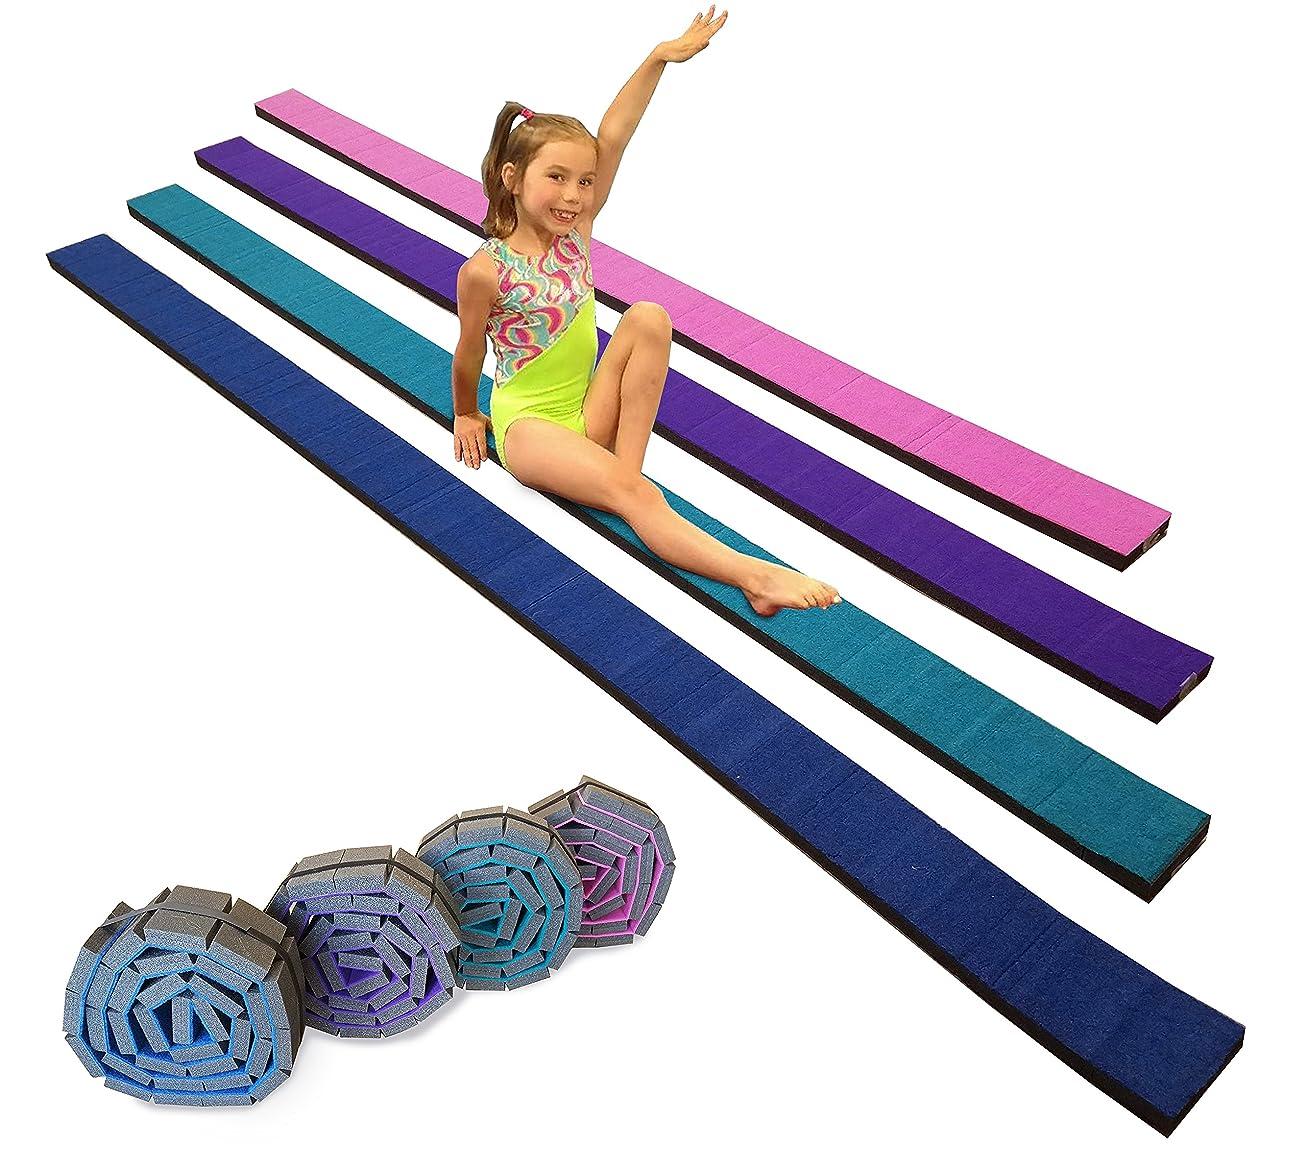 意見課税わざわざ体操柔軟なroll-up Foamトレーニングバランスビーム。